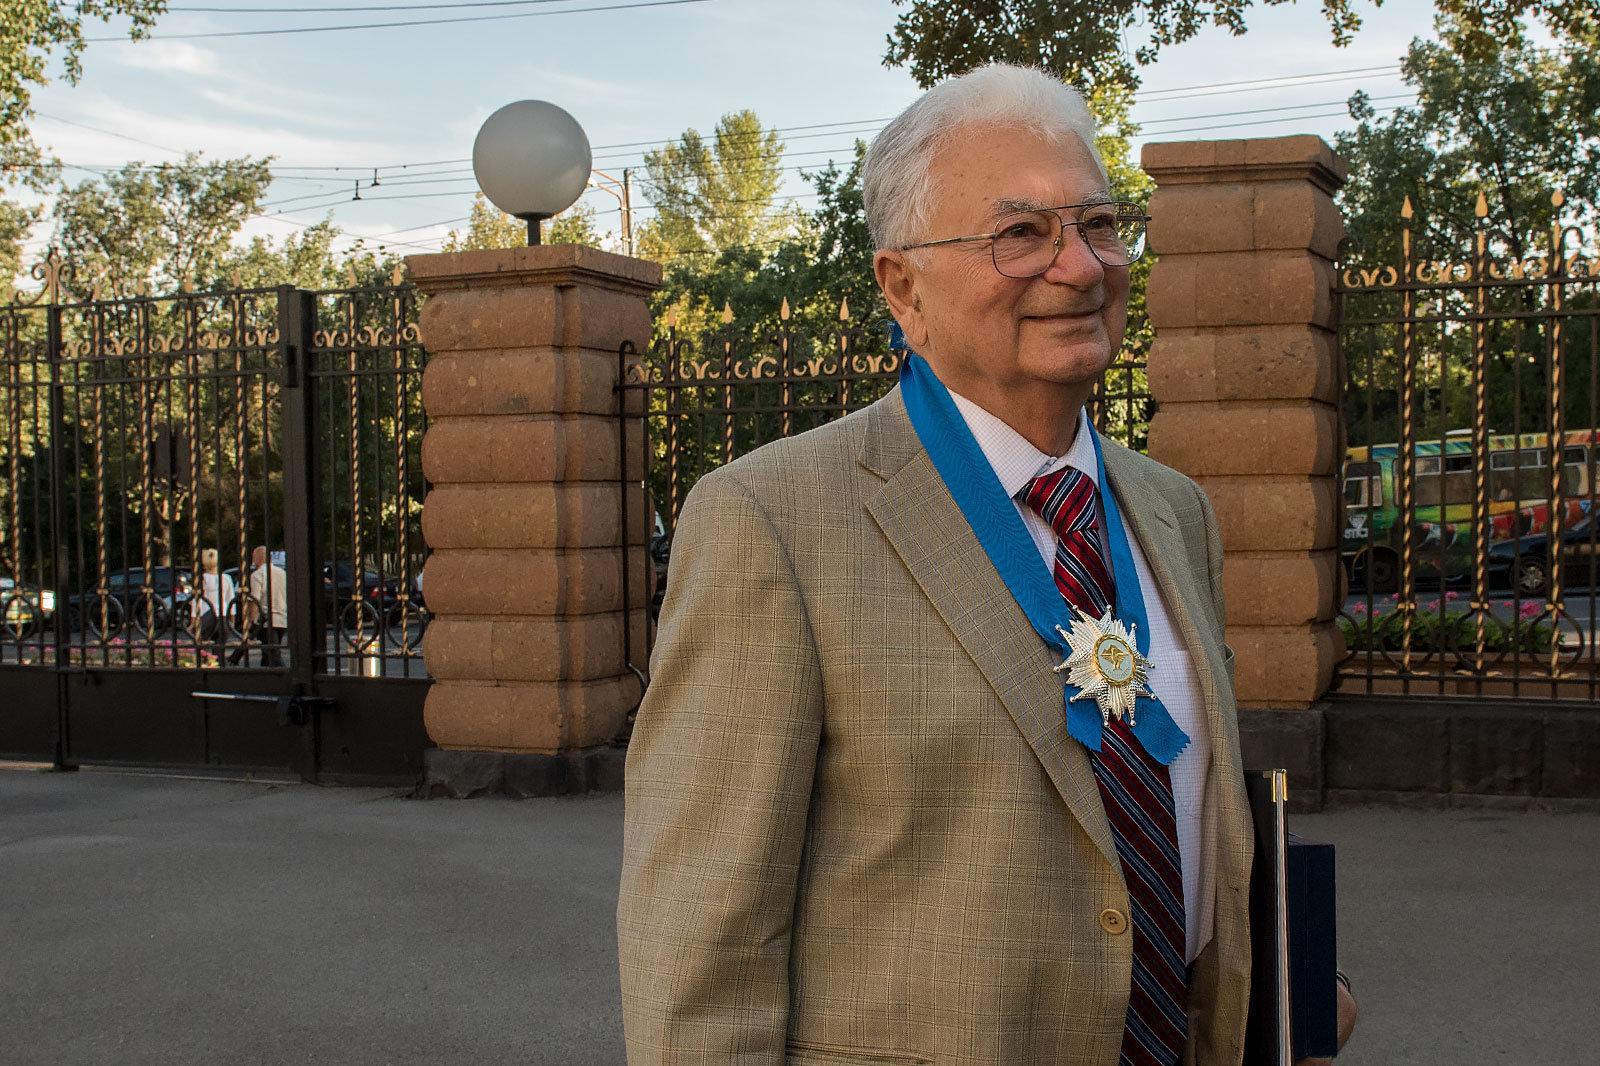 Церемония награждения по случаю 25-й годовщины Независимости Республики Армения в резиденции Президента. Юрий Ованнисян